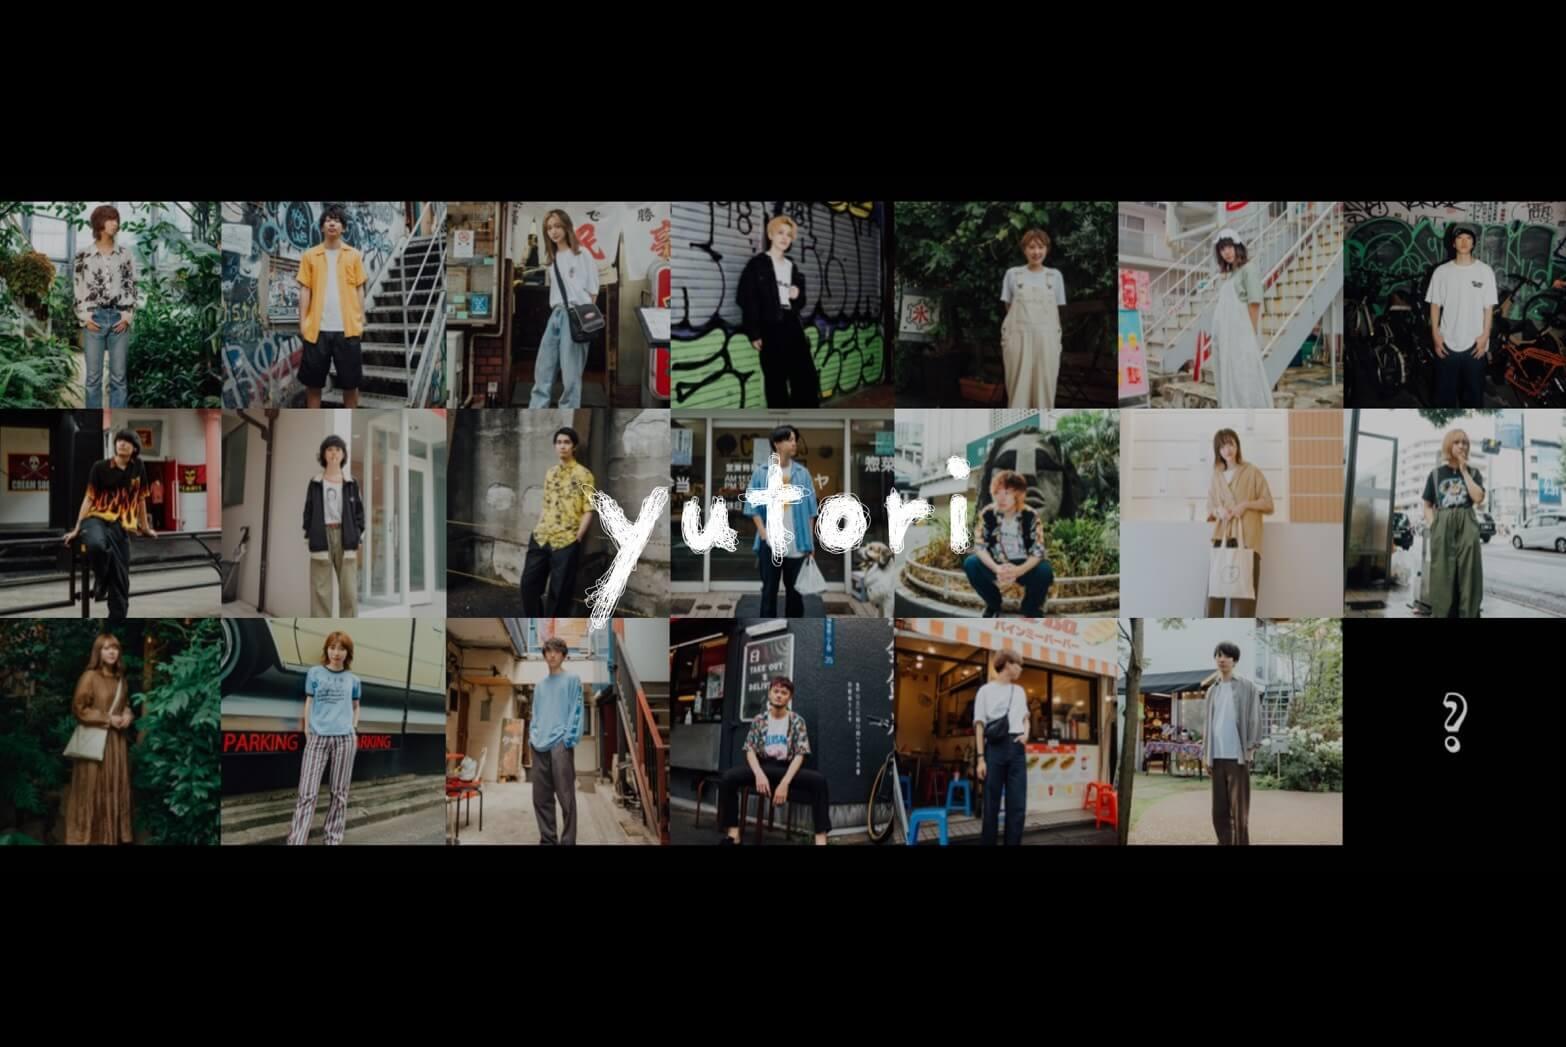 第二創業期を迎え、数年以内にIPOを目指すyutoriの新メンバーを募集!のカバー写真